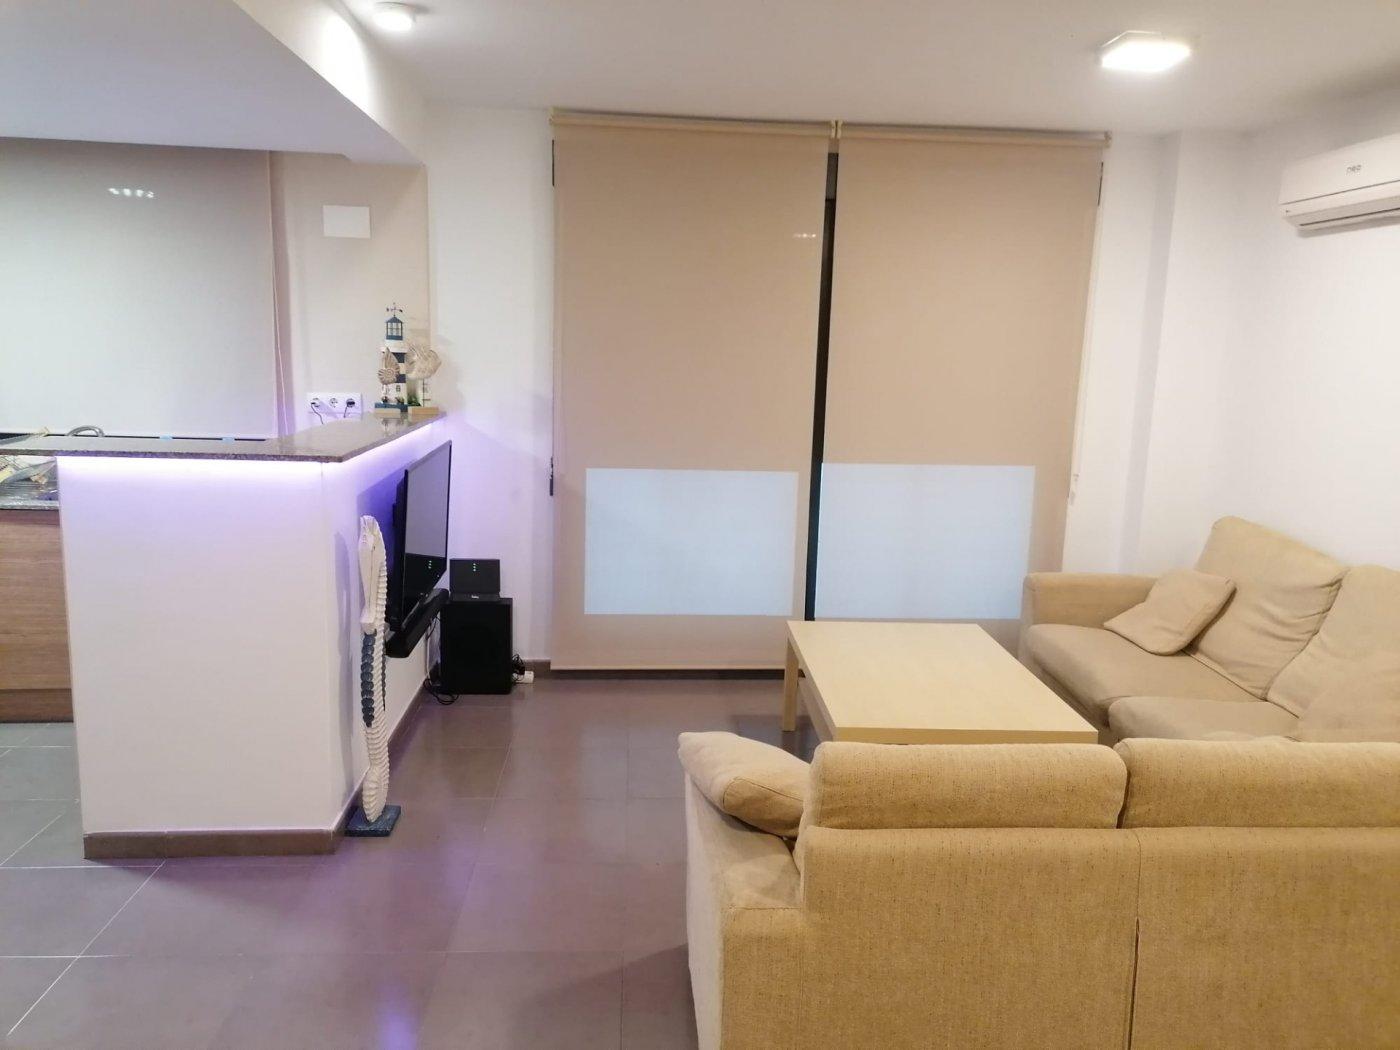 Fantástico apartamento en peñíscola 1 hab - imagenInmueble25